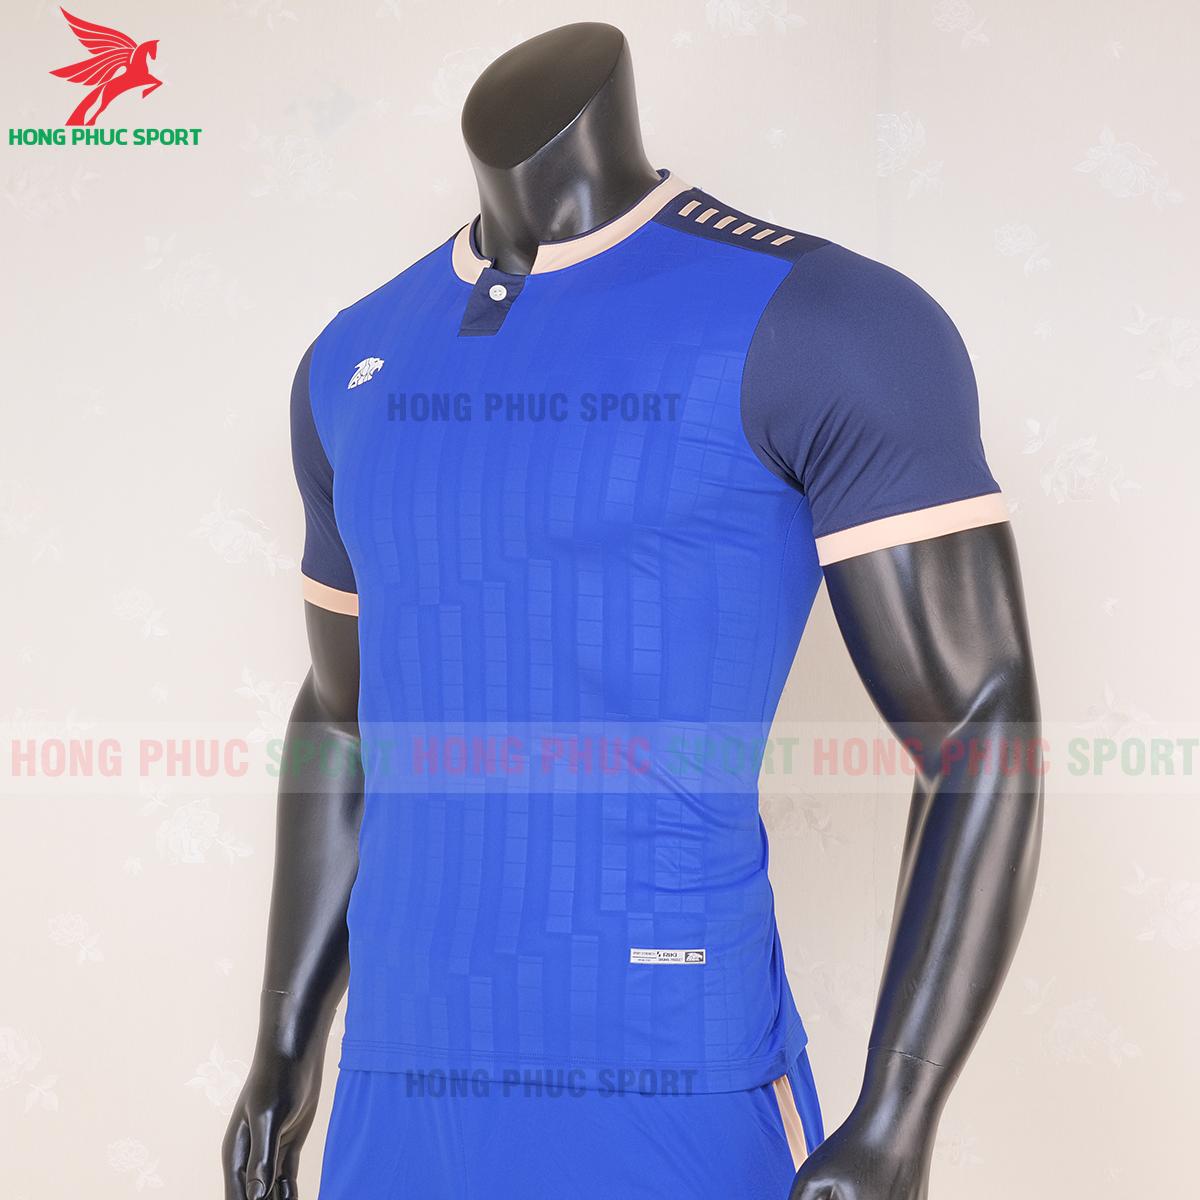 https://cdn.hongphucsport.com/unsafe/s4.shopbay.vn/files/285/ao-bong-da-khong-logo-riki-neck-xanh-duong-3-5f71afd4aac8c.png